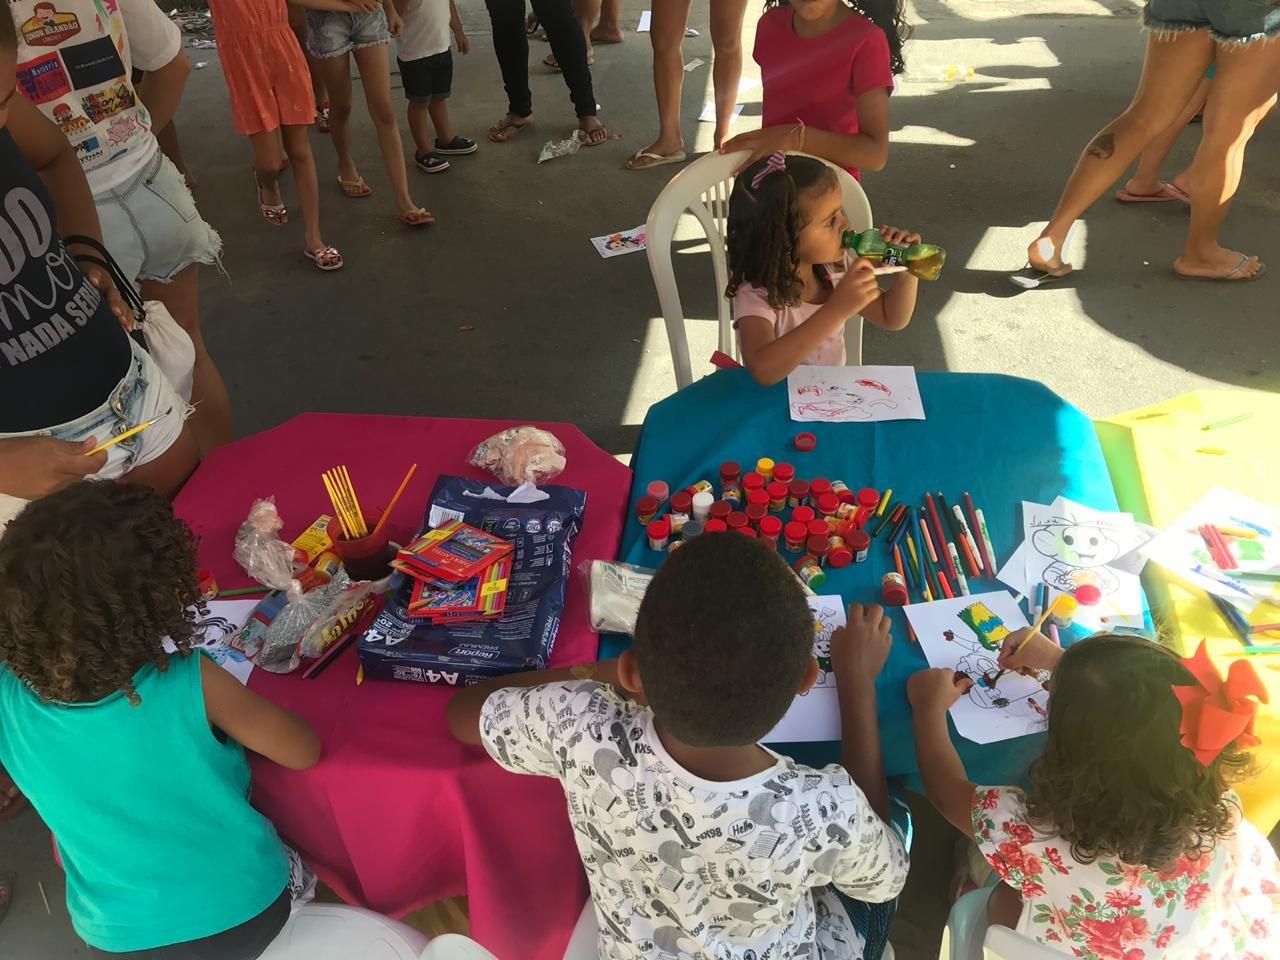 Voluntários arrecadam brinquedos e promovem festa para crianças carentes em Cruz das Almas, em Maceió - Notícias - Plantão Diário